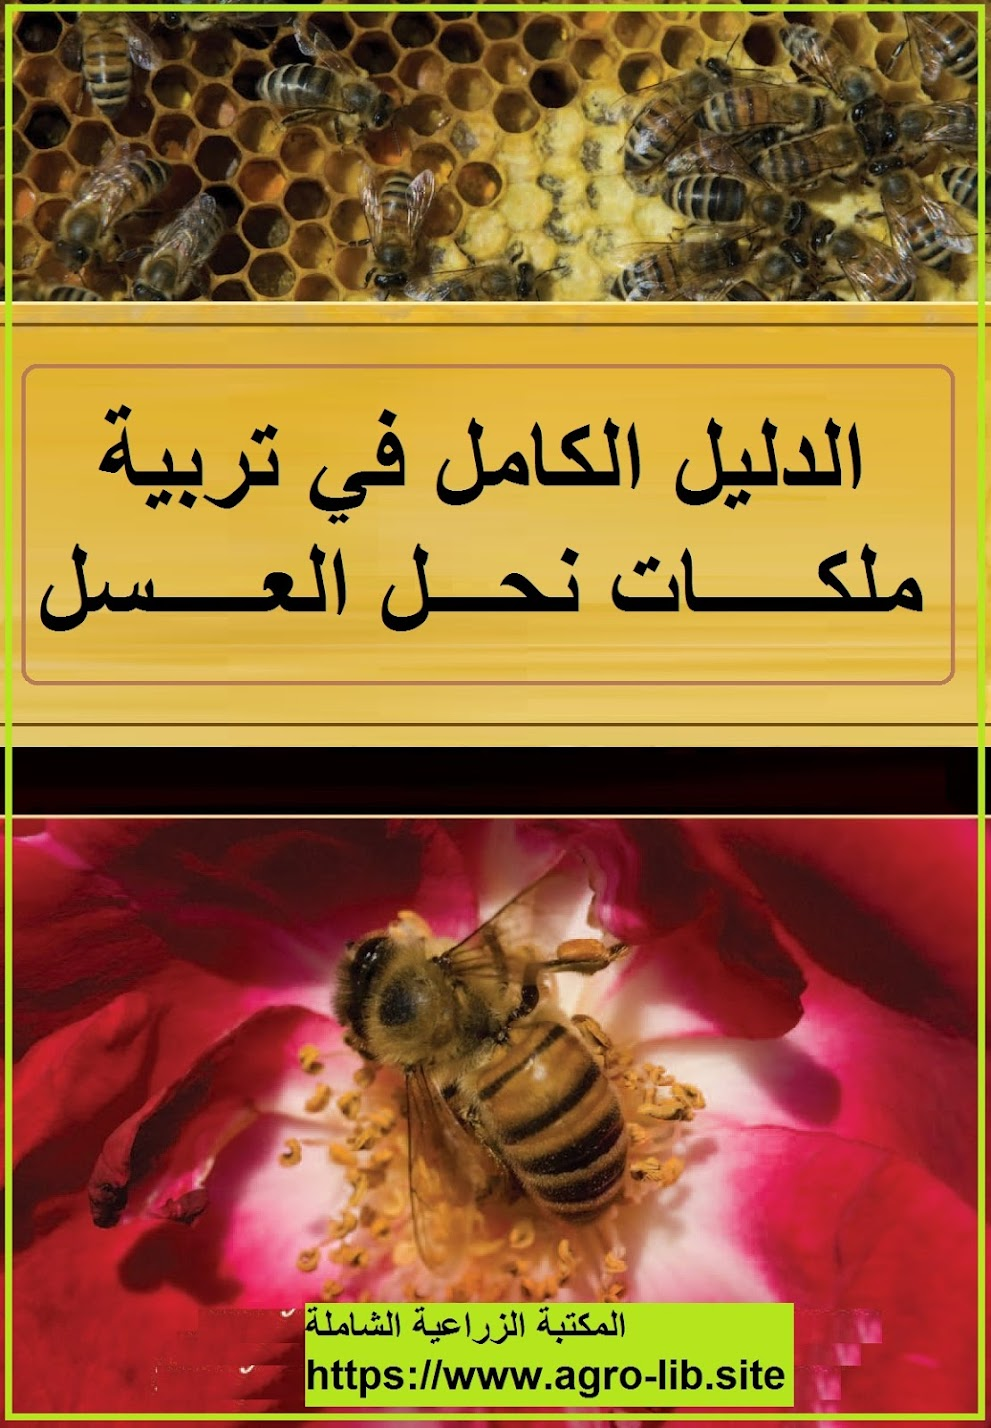 كتاب : الدليل الكامل في تربية ملكات نحل العسل